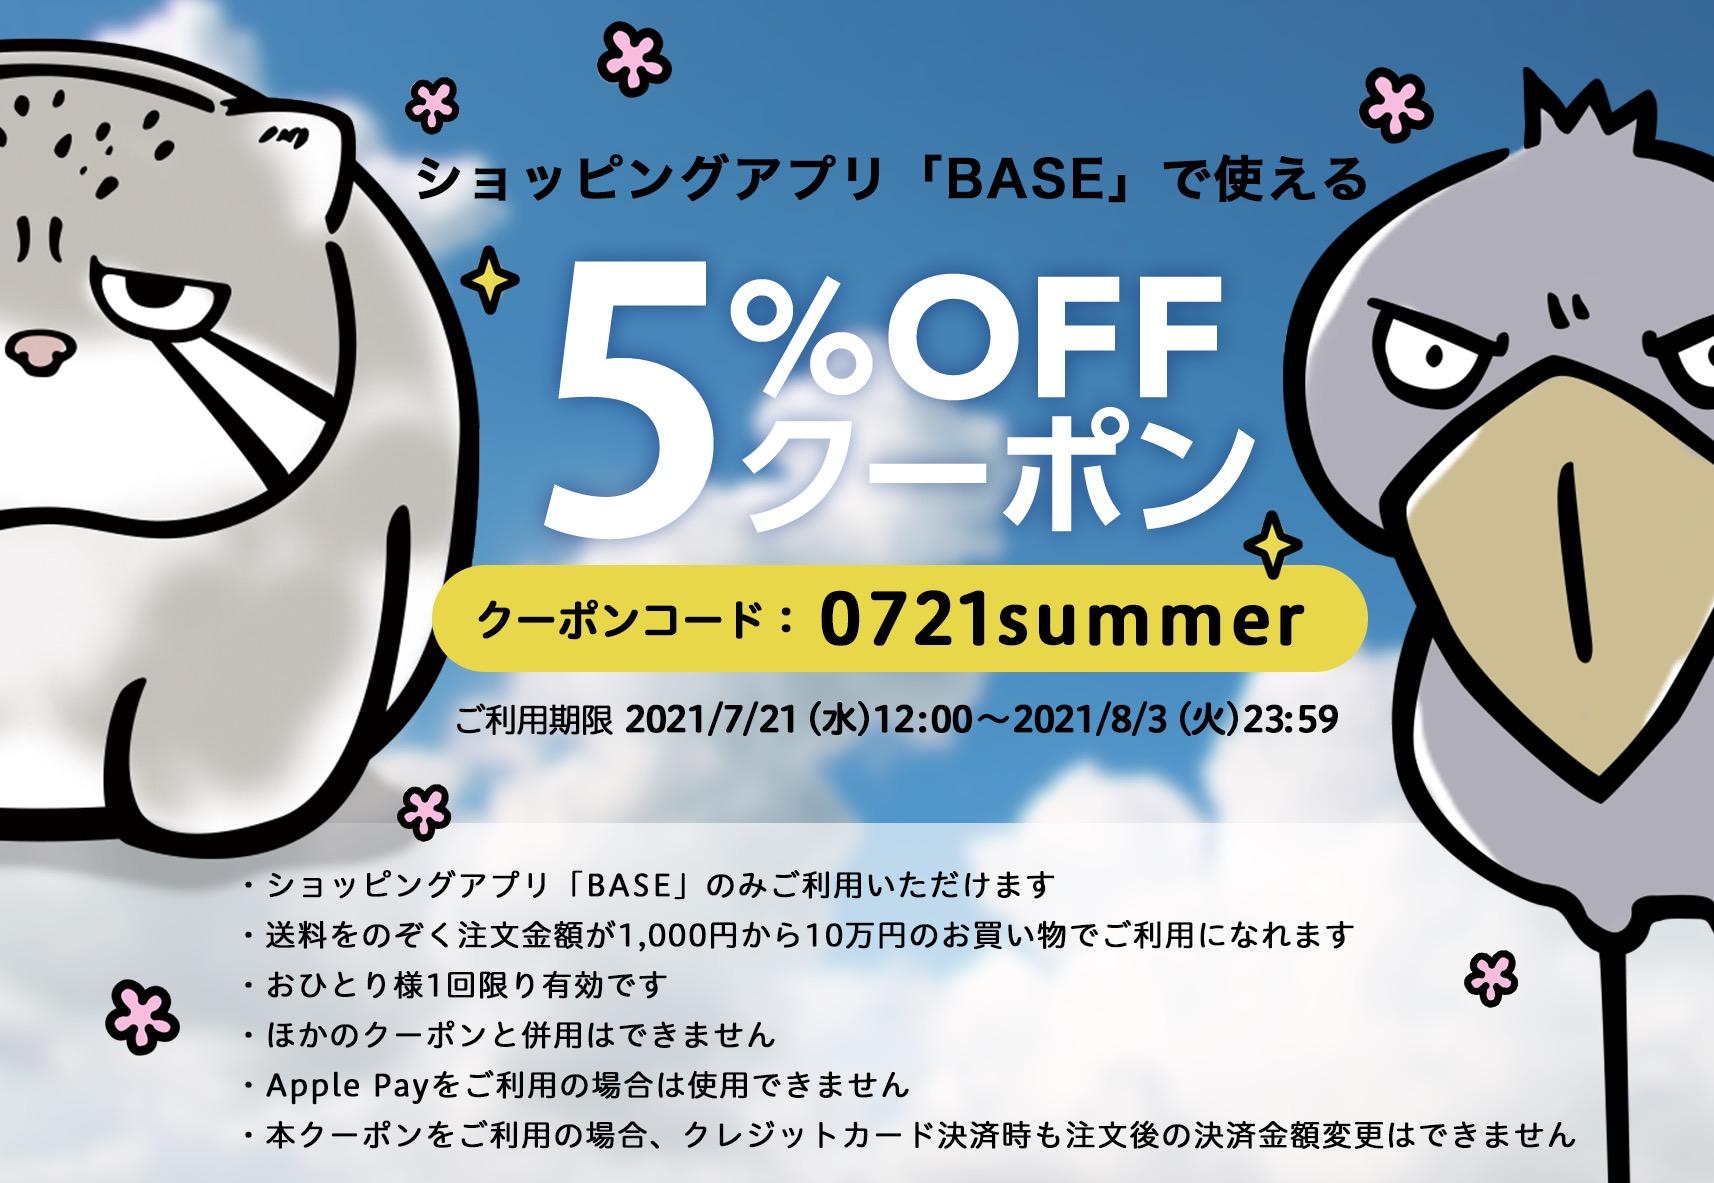 【7月21日(水)〜8月3日(火)】全品5%OFFクーポン配布中